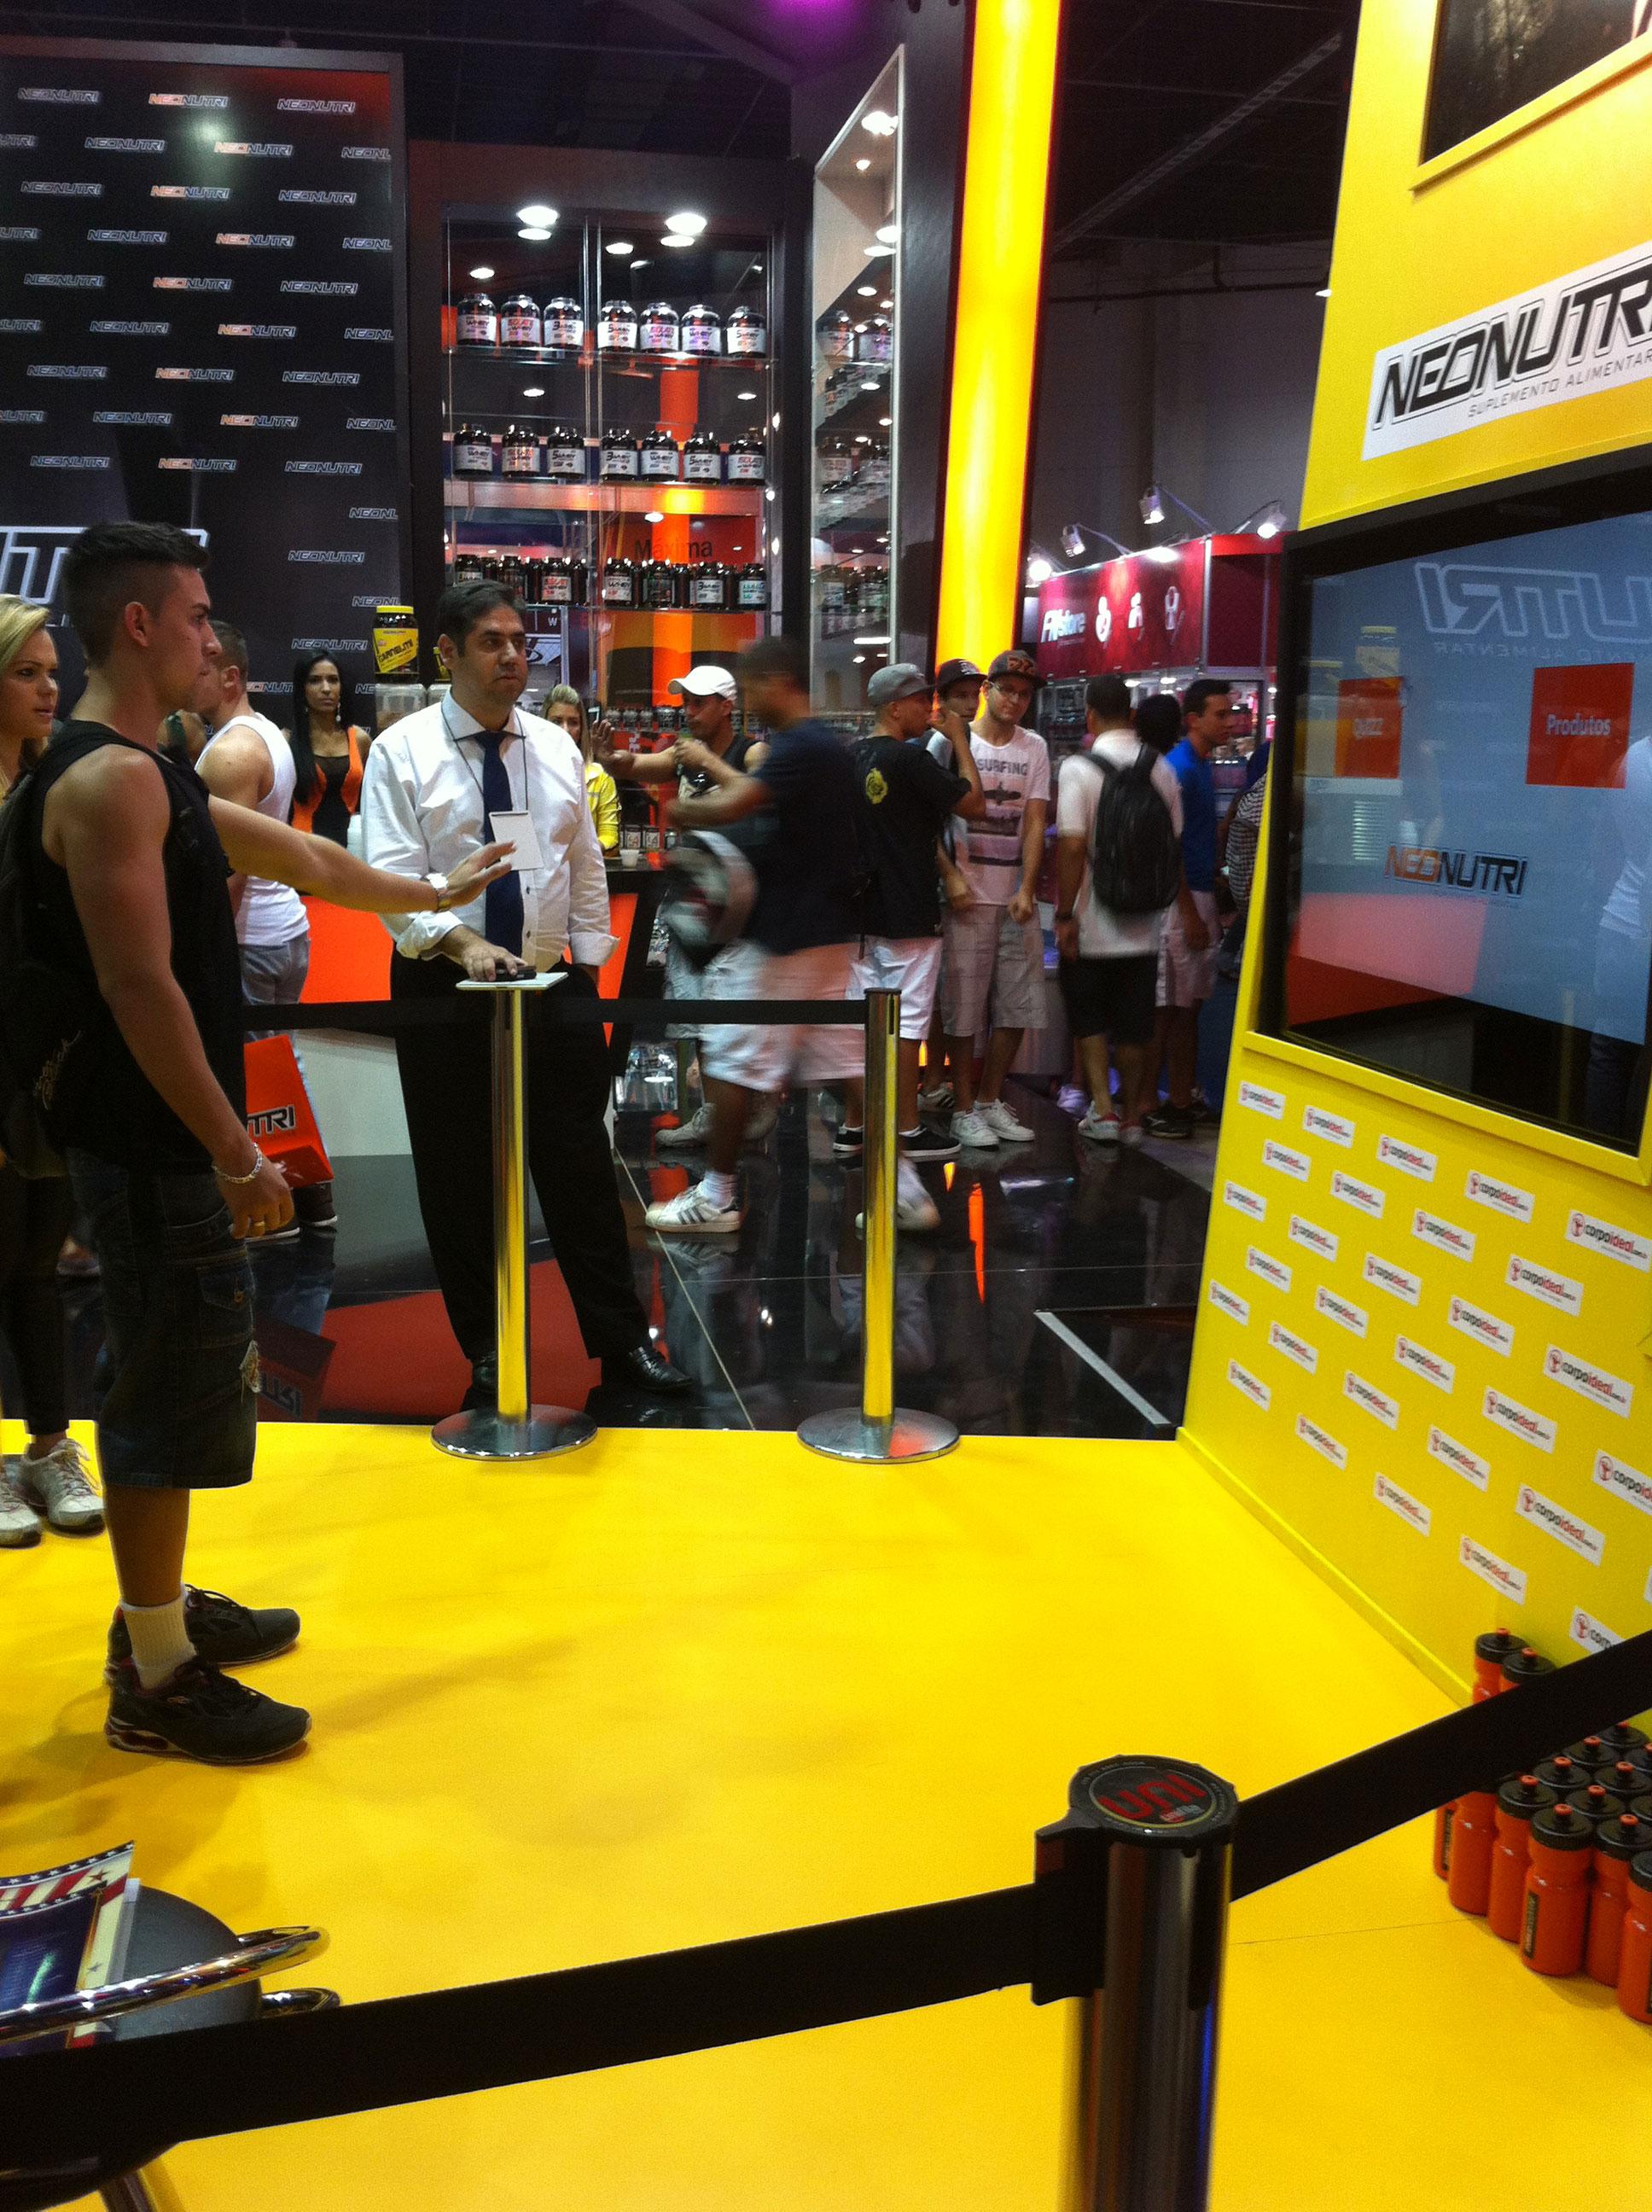 Stand NeoNutri Arnold Classic Brazil - Foto 15